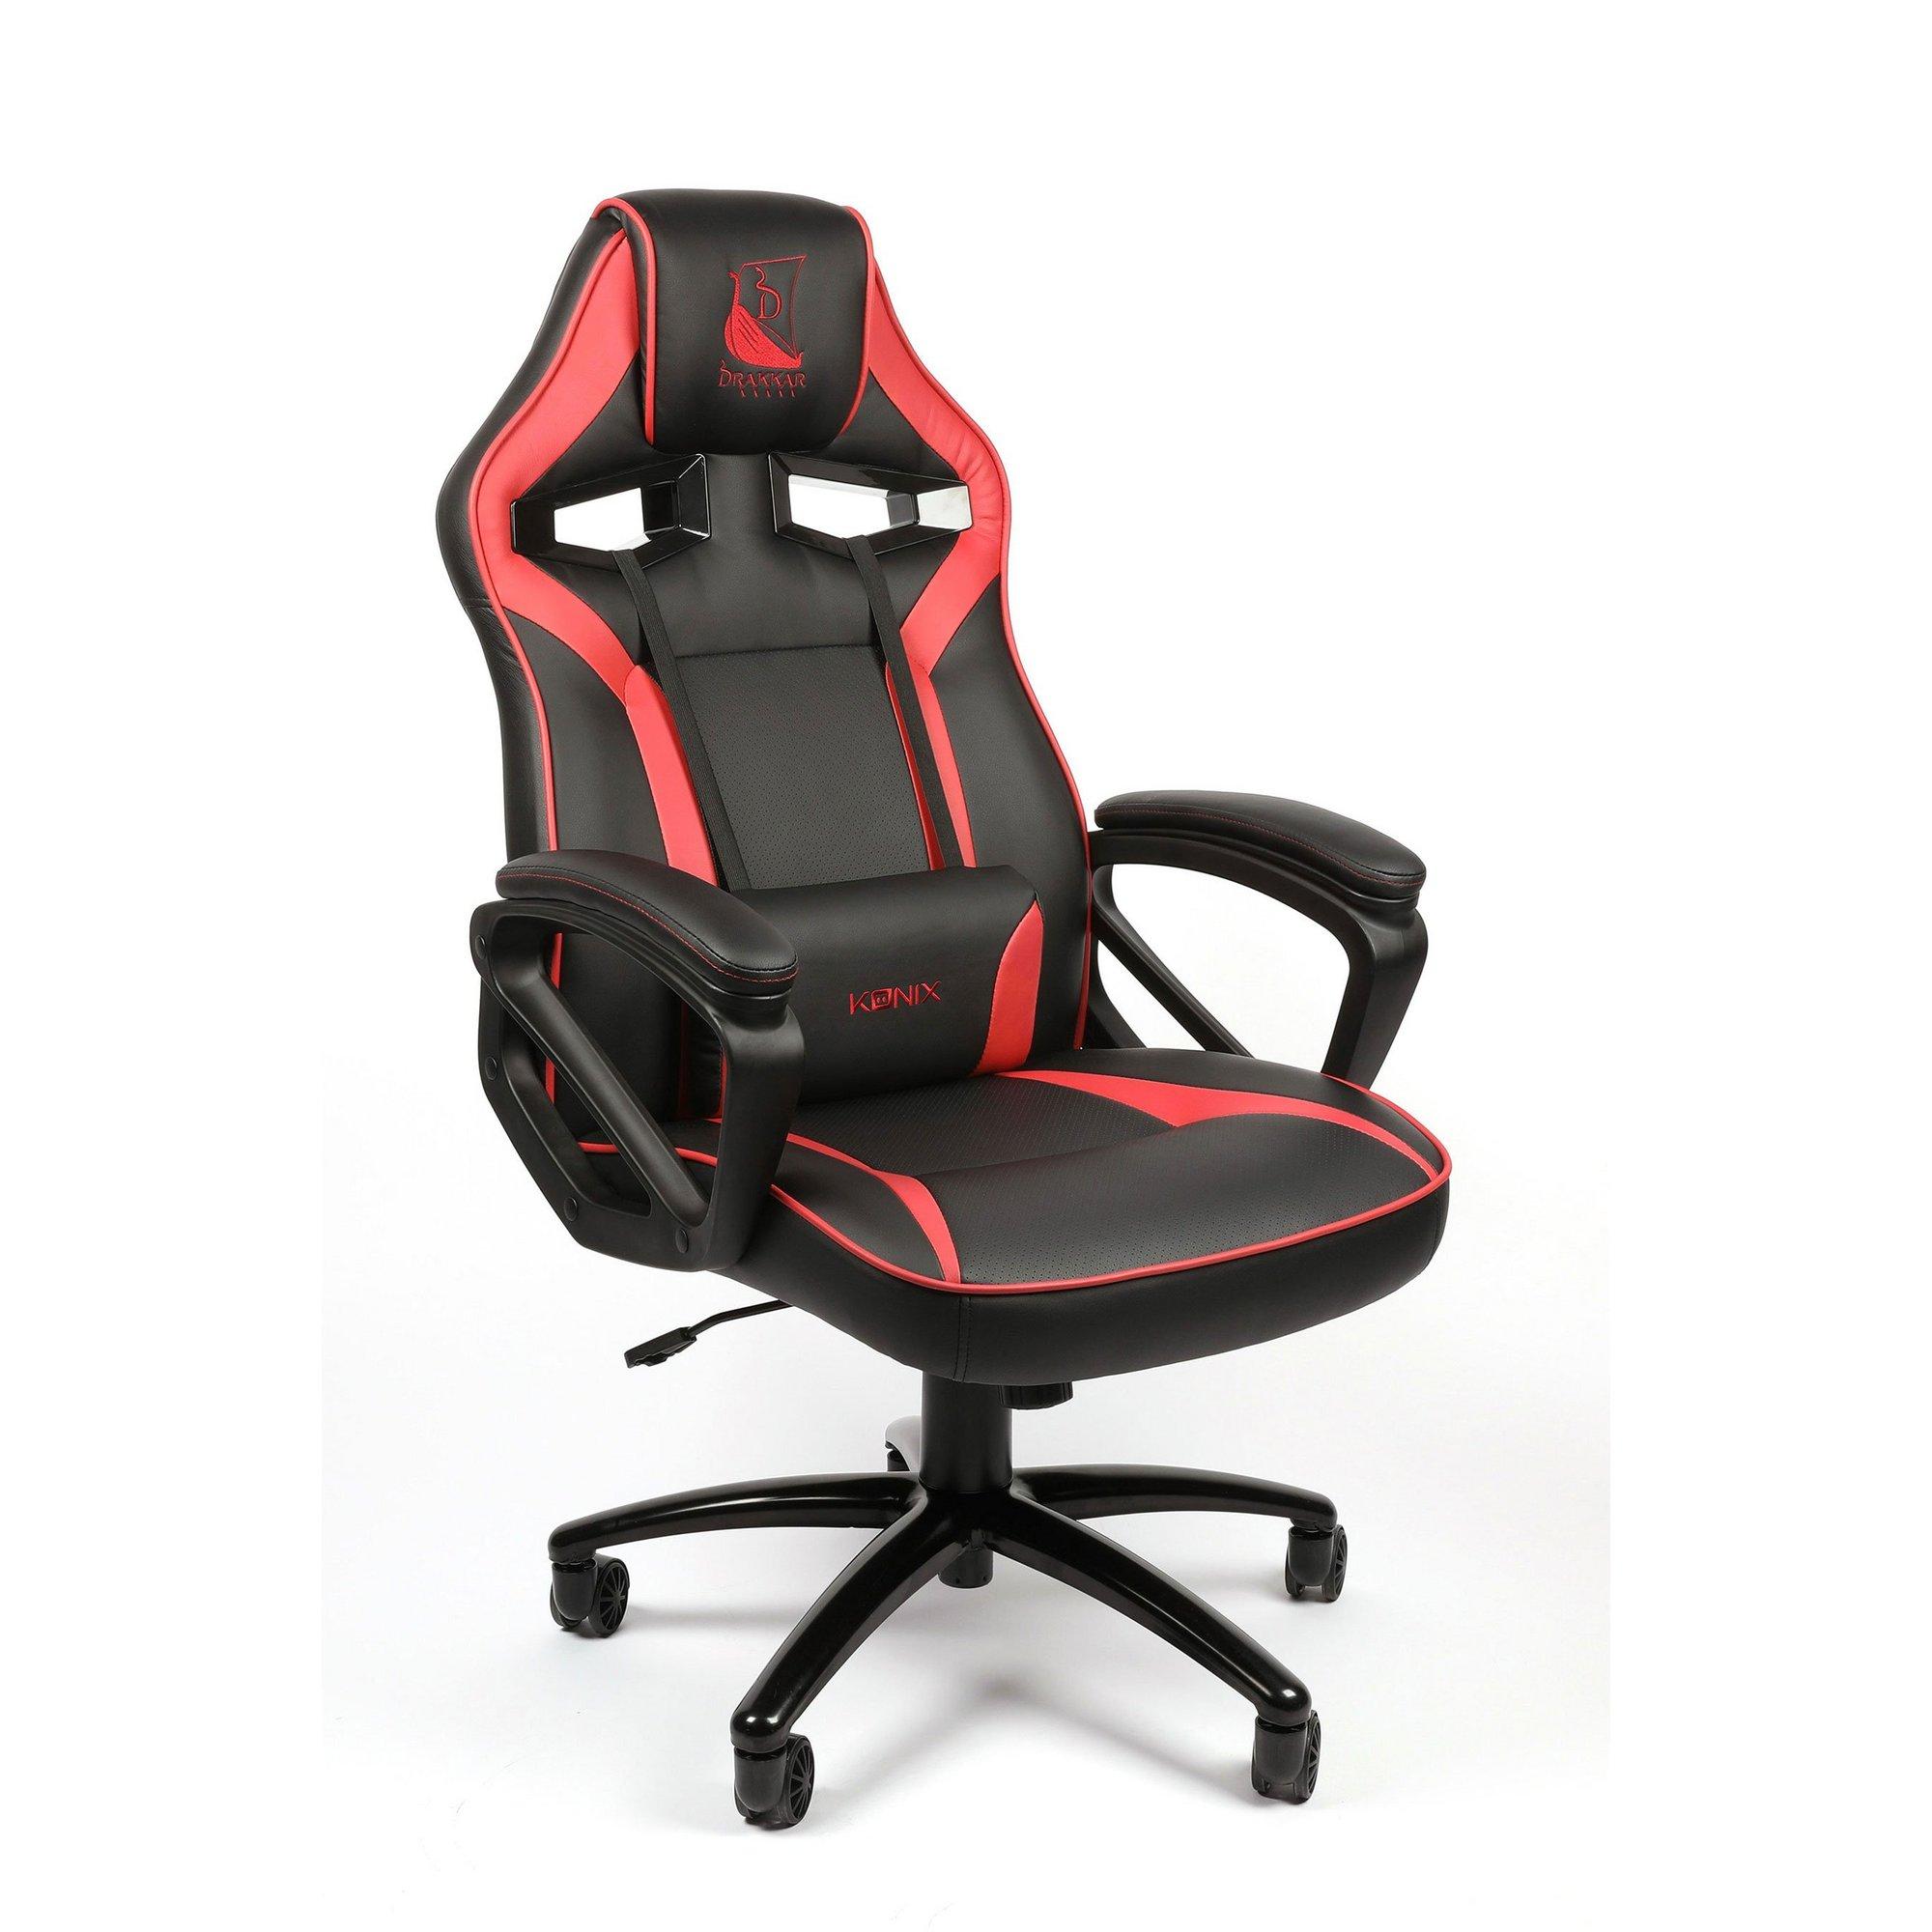 Image of Konix Drakkar Gaming Chair